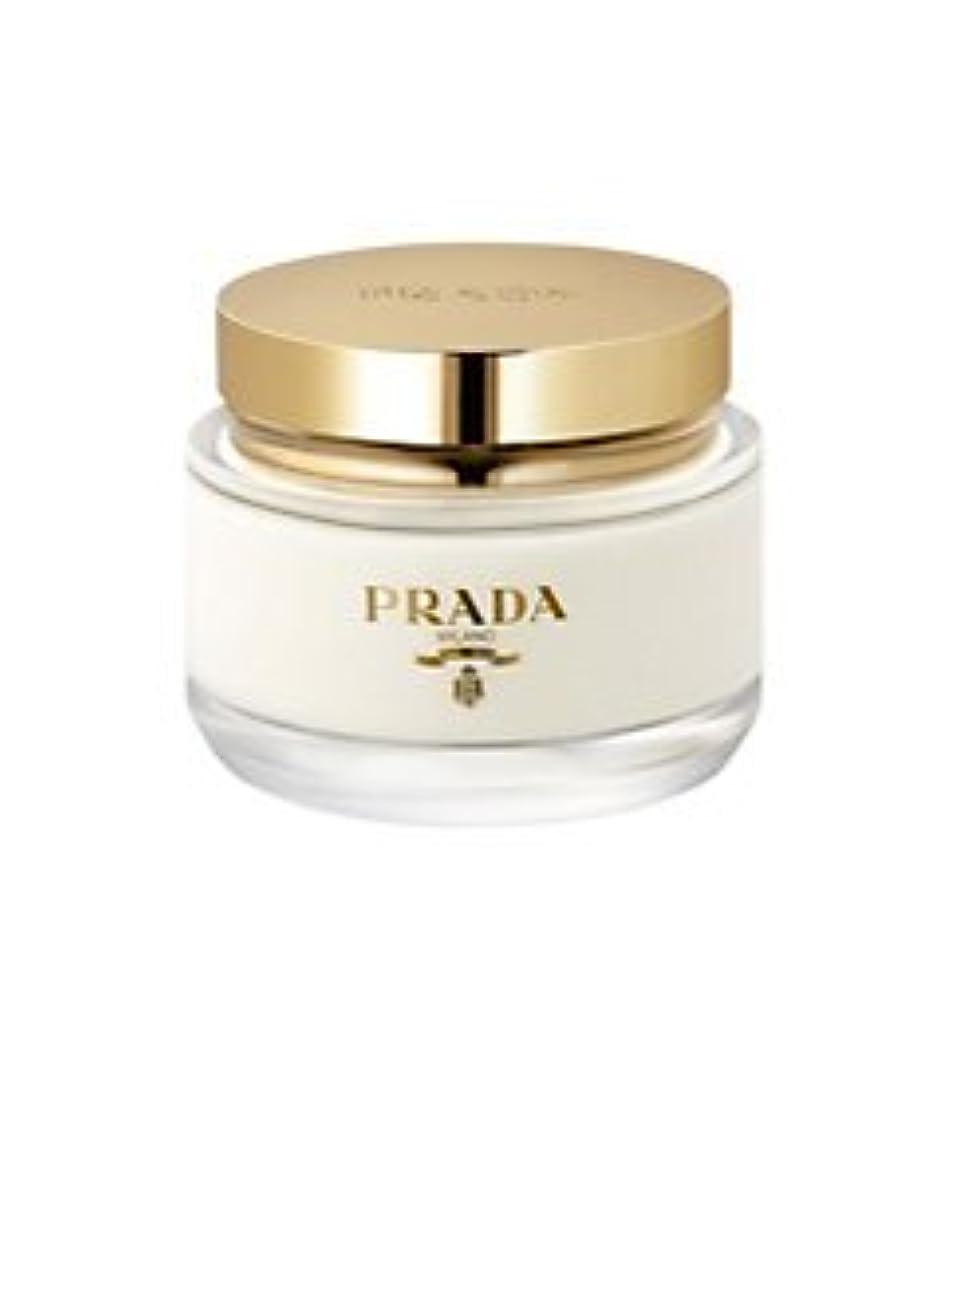 直径製油所冗長La Femme Prada (ラ フェム プラダ) 6.7 oz (200ml) Body Cream for Women